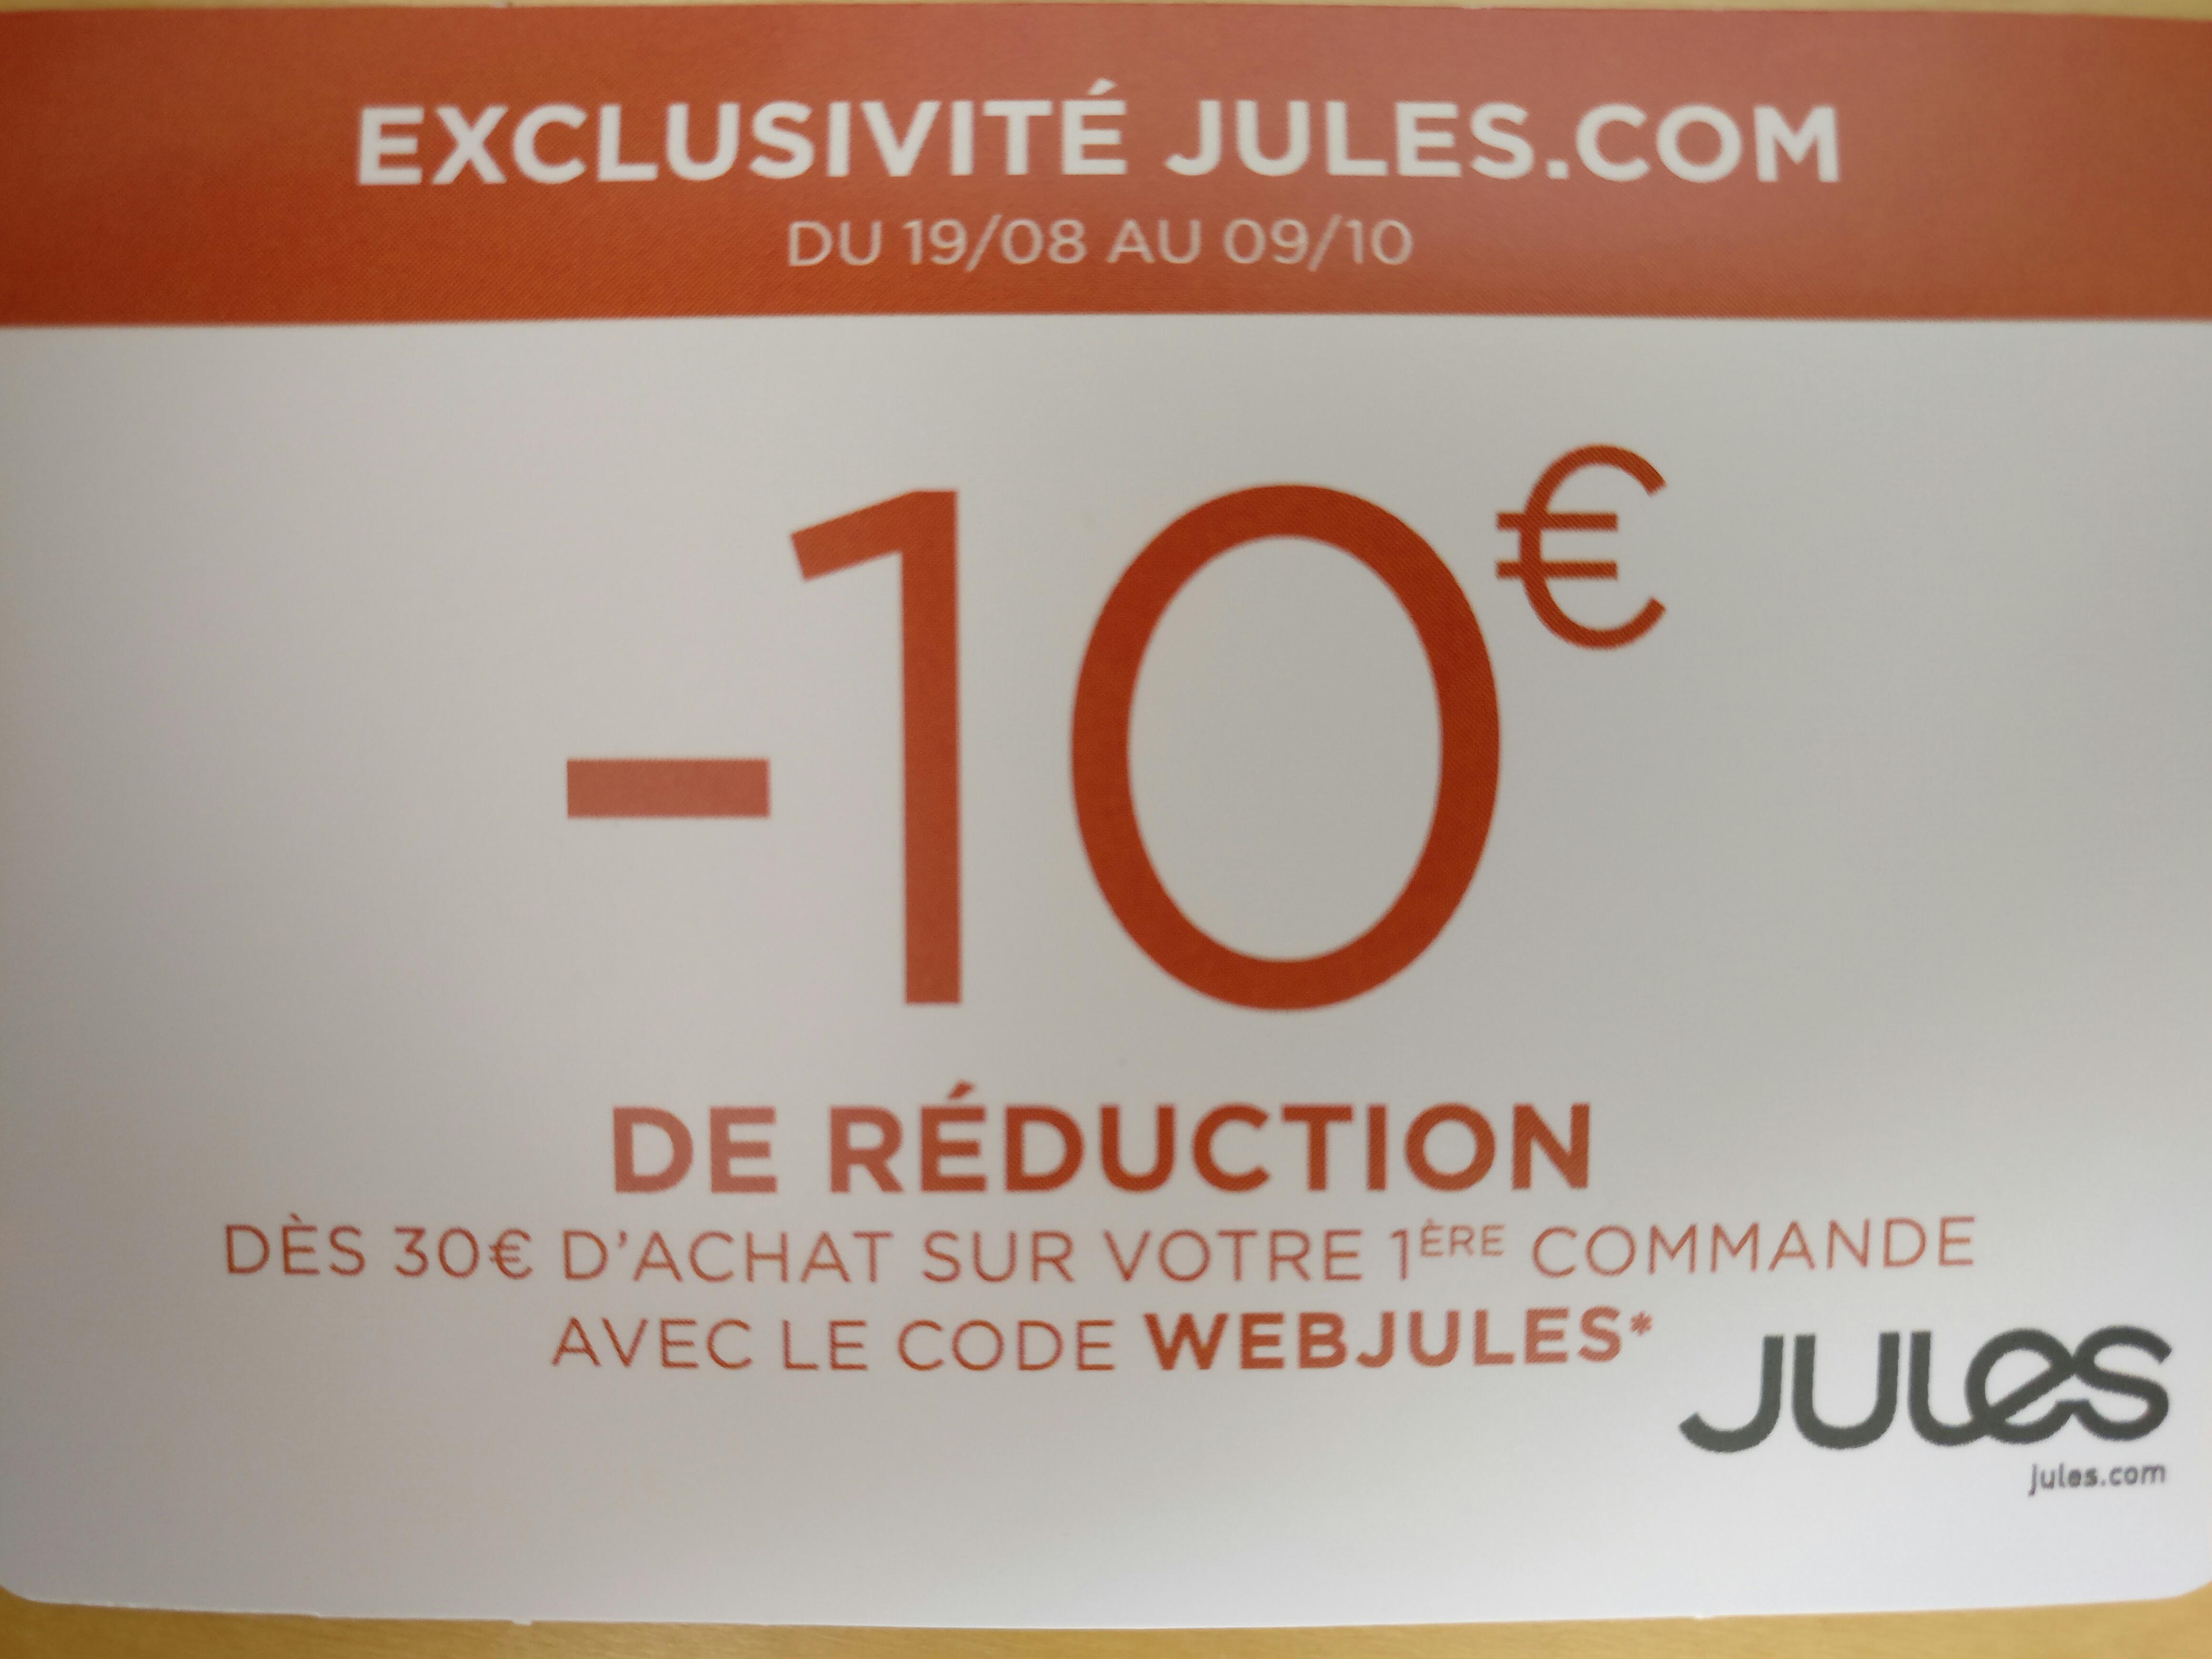 10 € de réduction dès 30€ d'achat sur votre première commande web